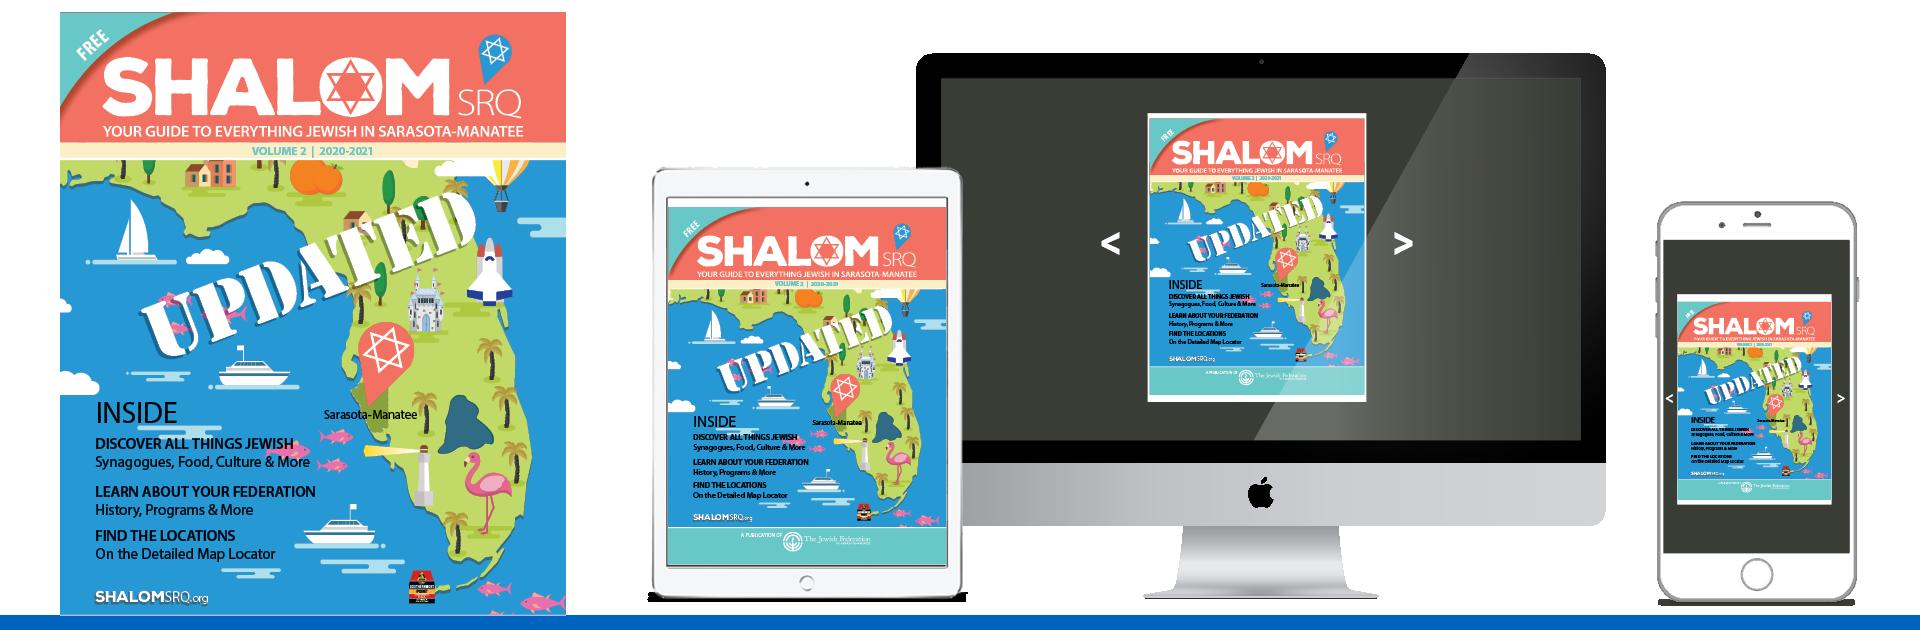 Shalom SRQ Header_1.png